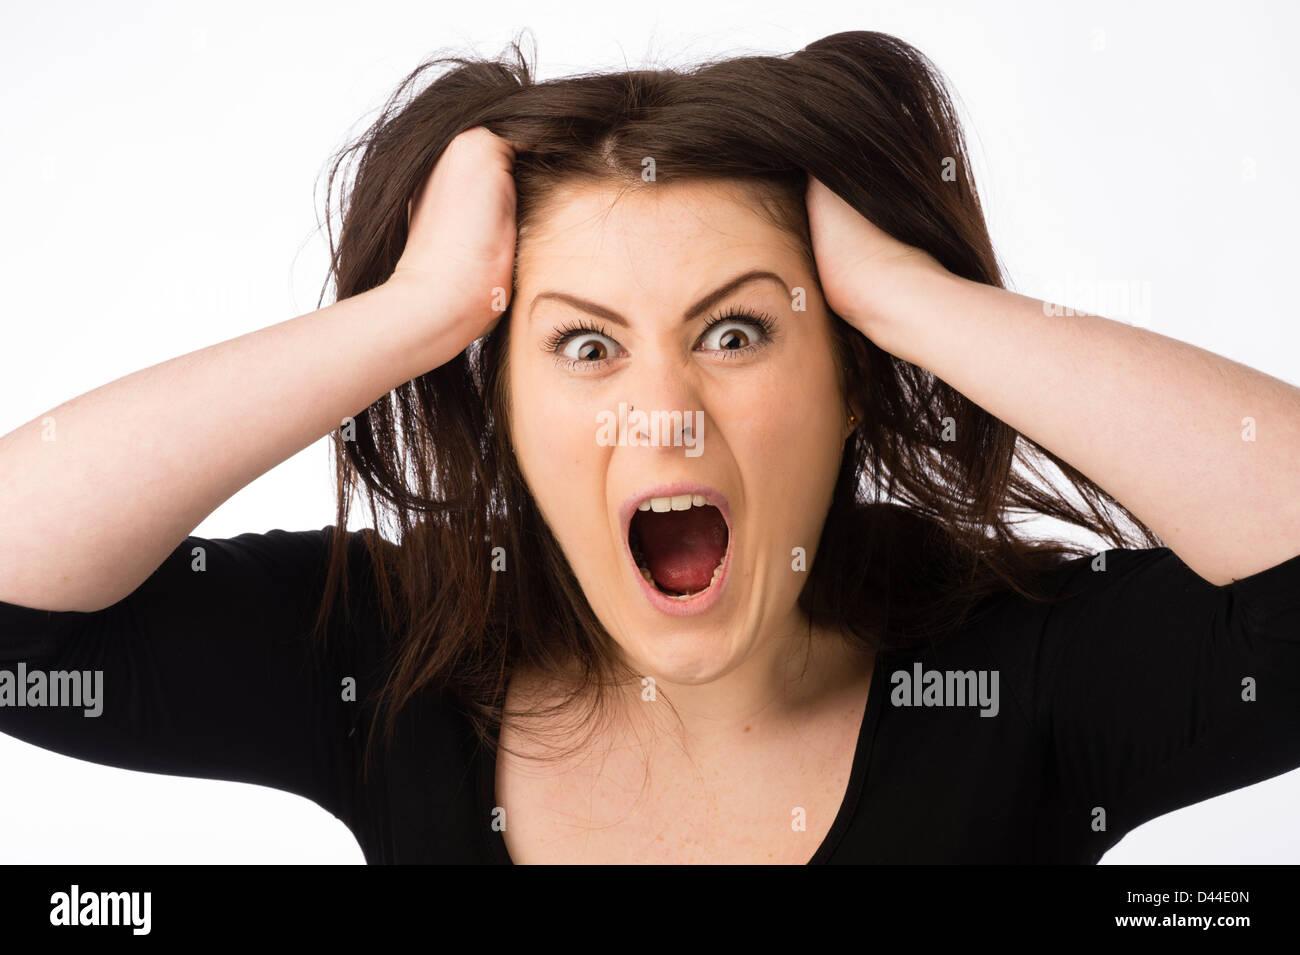 Un giovane arrabbiato grida donna, lacerazione tirando fuori il suo marrone capelli fuori , REGNO UNITO Immagini Stock